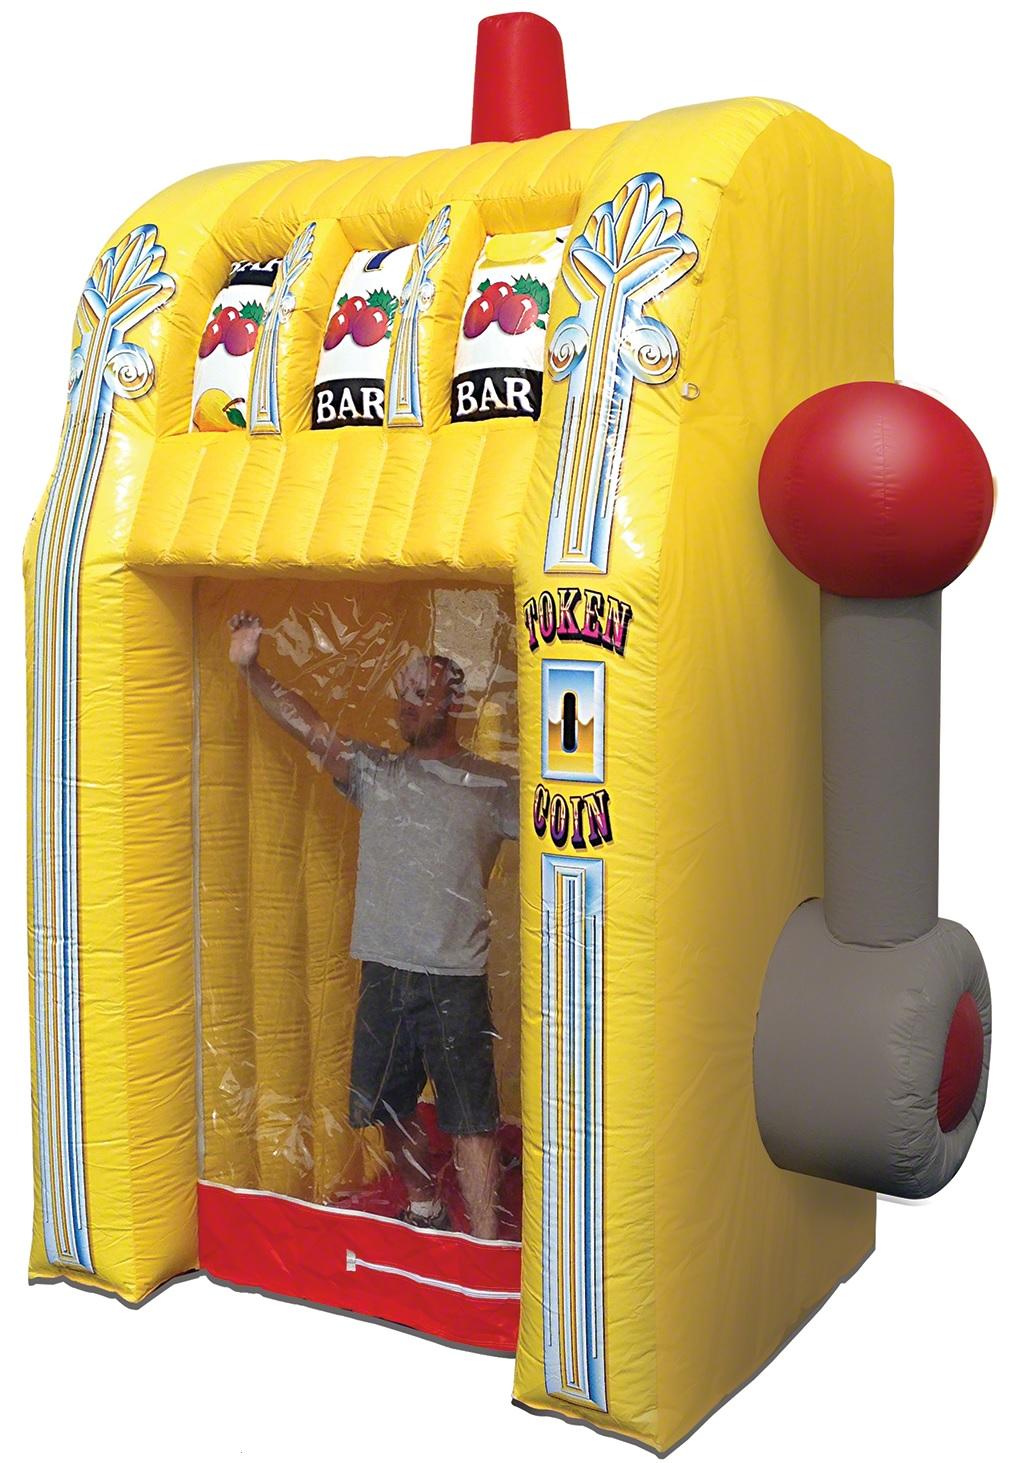 Money Machine - Slot Machine Inflatable